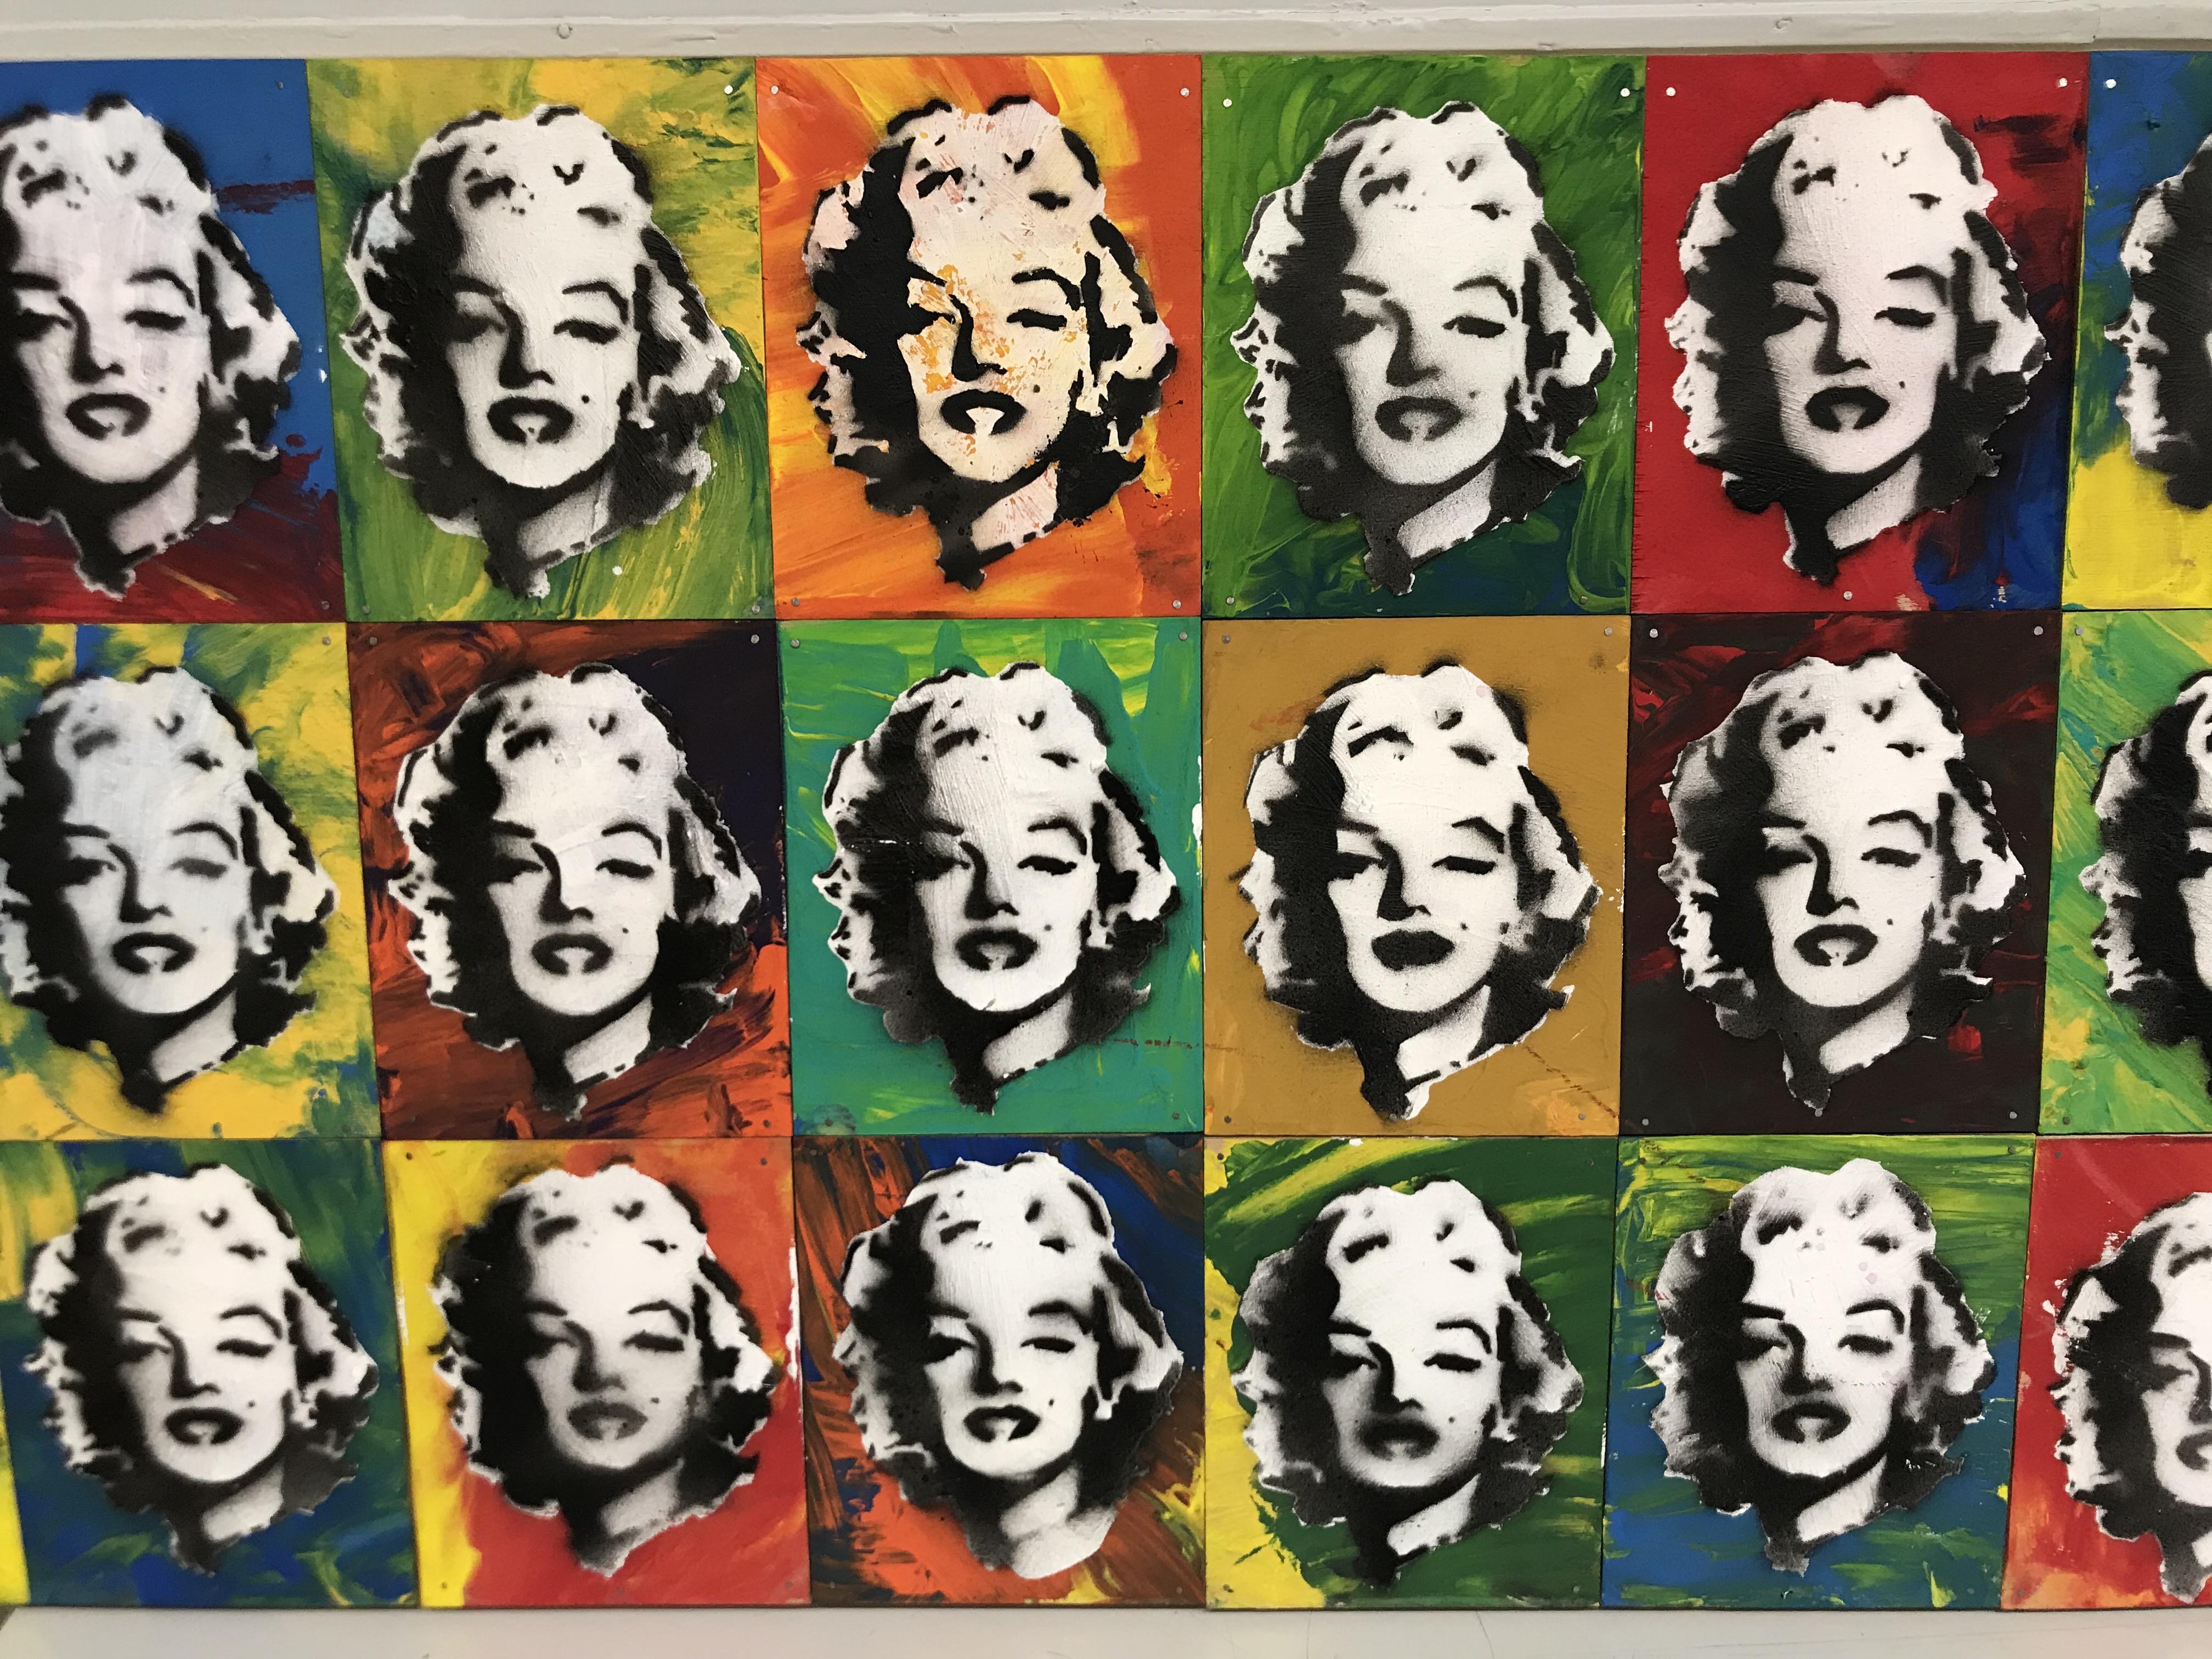 à la Andy Warhol